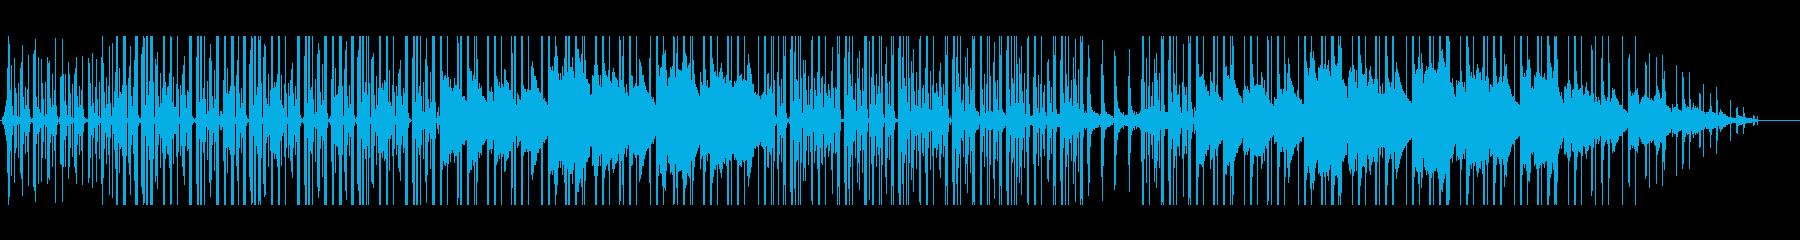 お洒落な映像作品向け雨音イメージのBGMの再生済みの波形